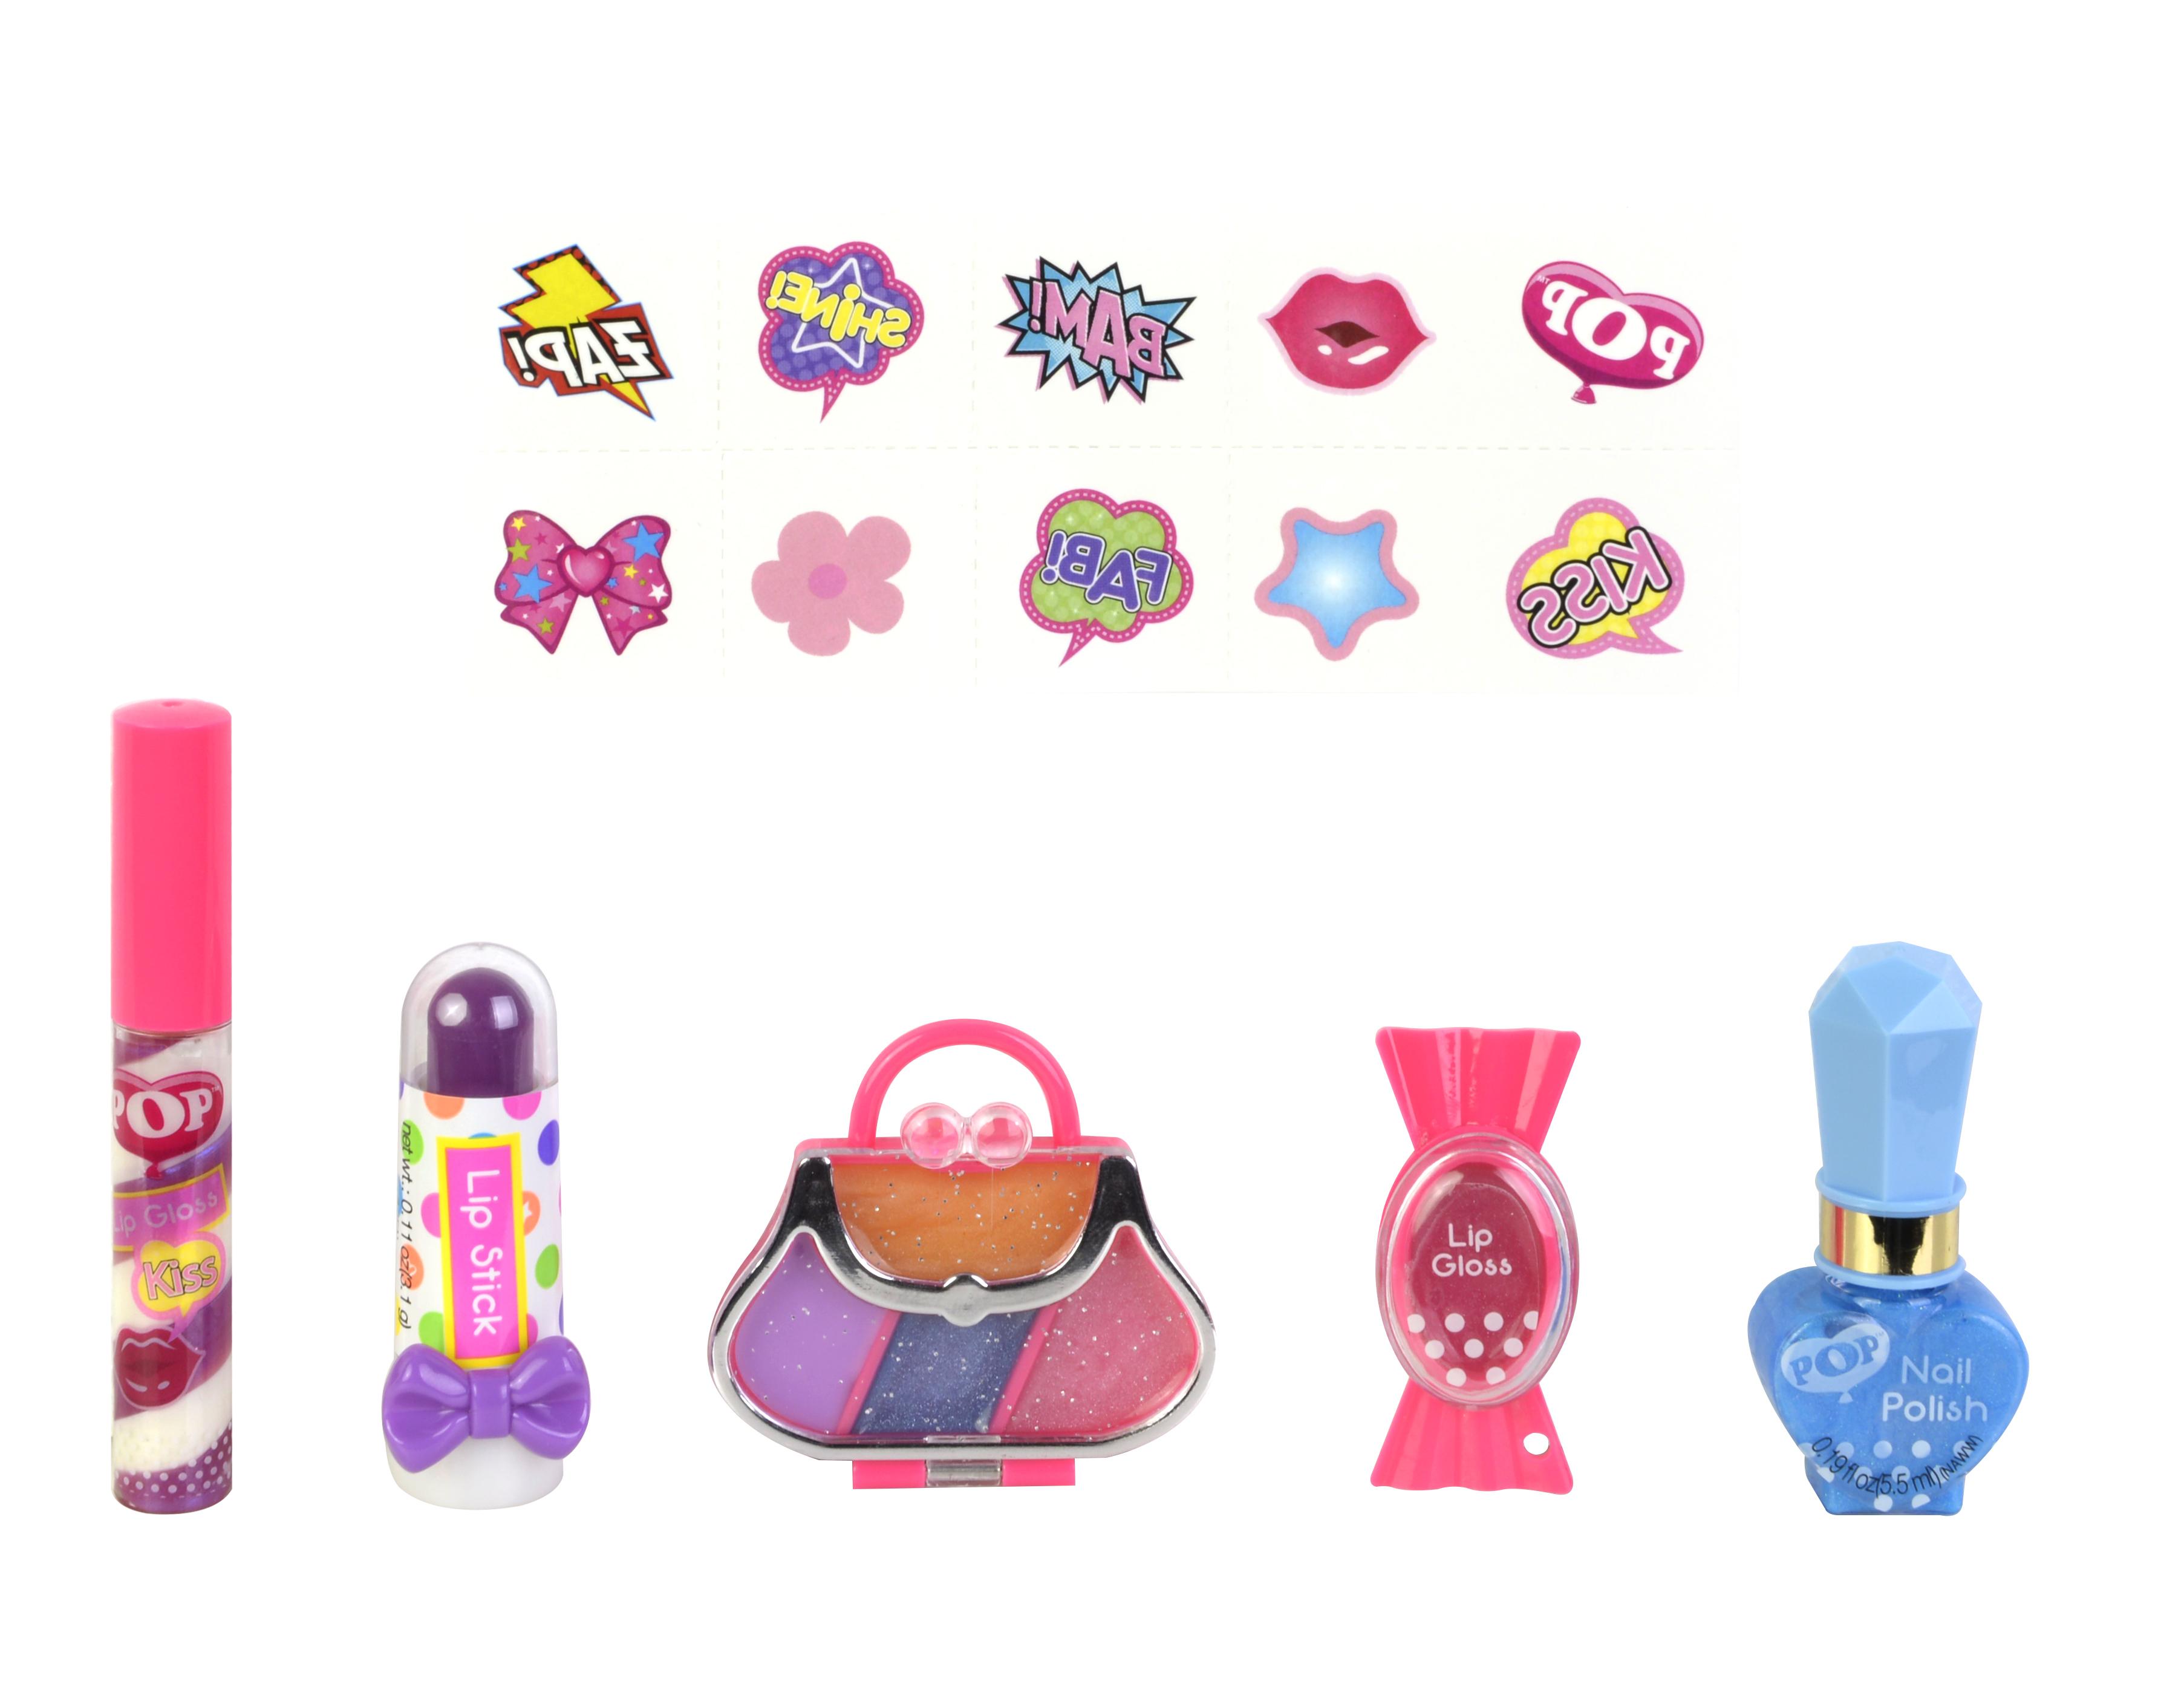 Наборы косметики POP Girls для губ и ногтей наборы декоративной косметики divage набор 21 блеск для губ vinyl gloss 3216 карандаш для губ transparent